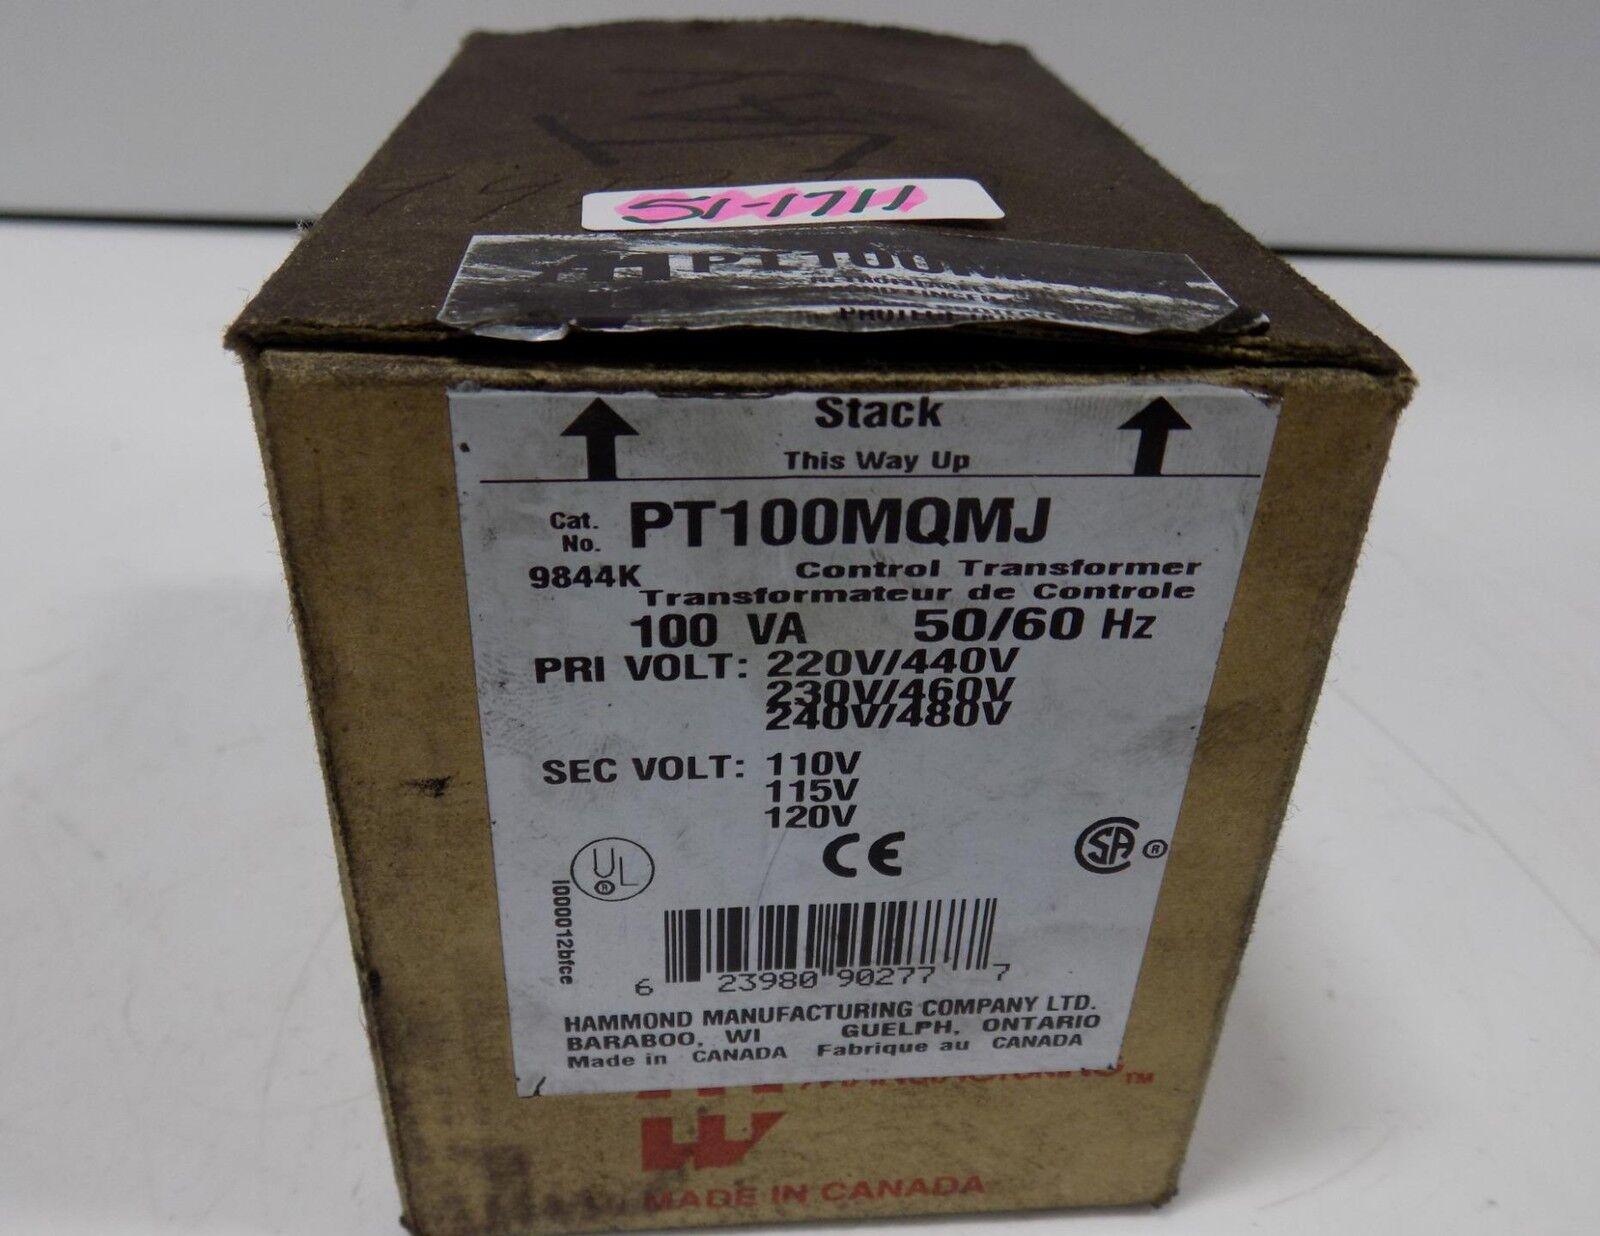 Transformador de control de Hammond Hammond Hammond 100 va 50/60 Hz PT 100 mqmj Nuevo En Caja df55fb